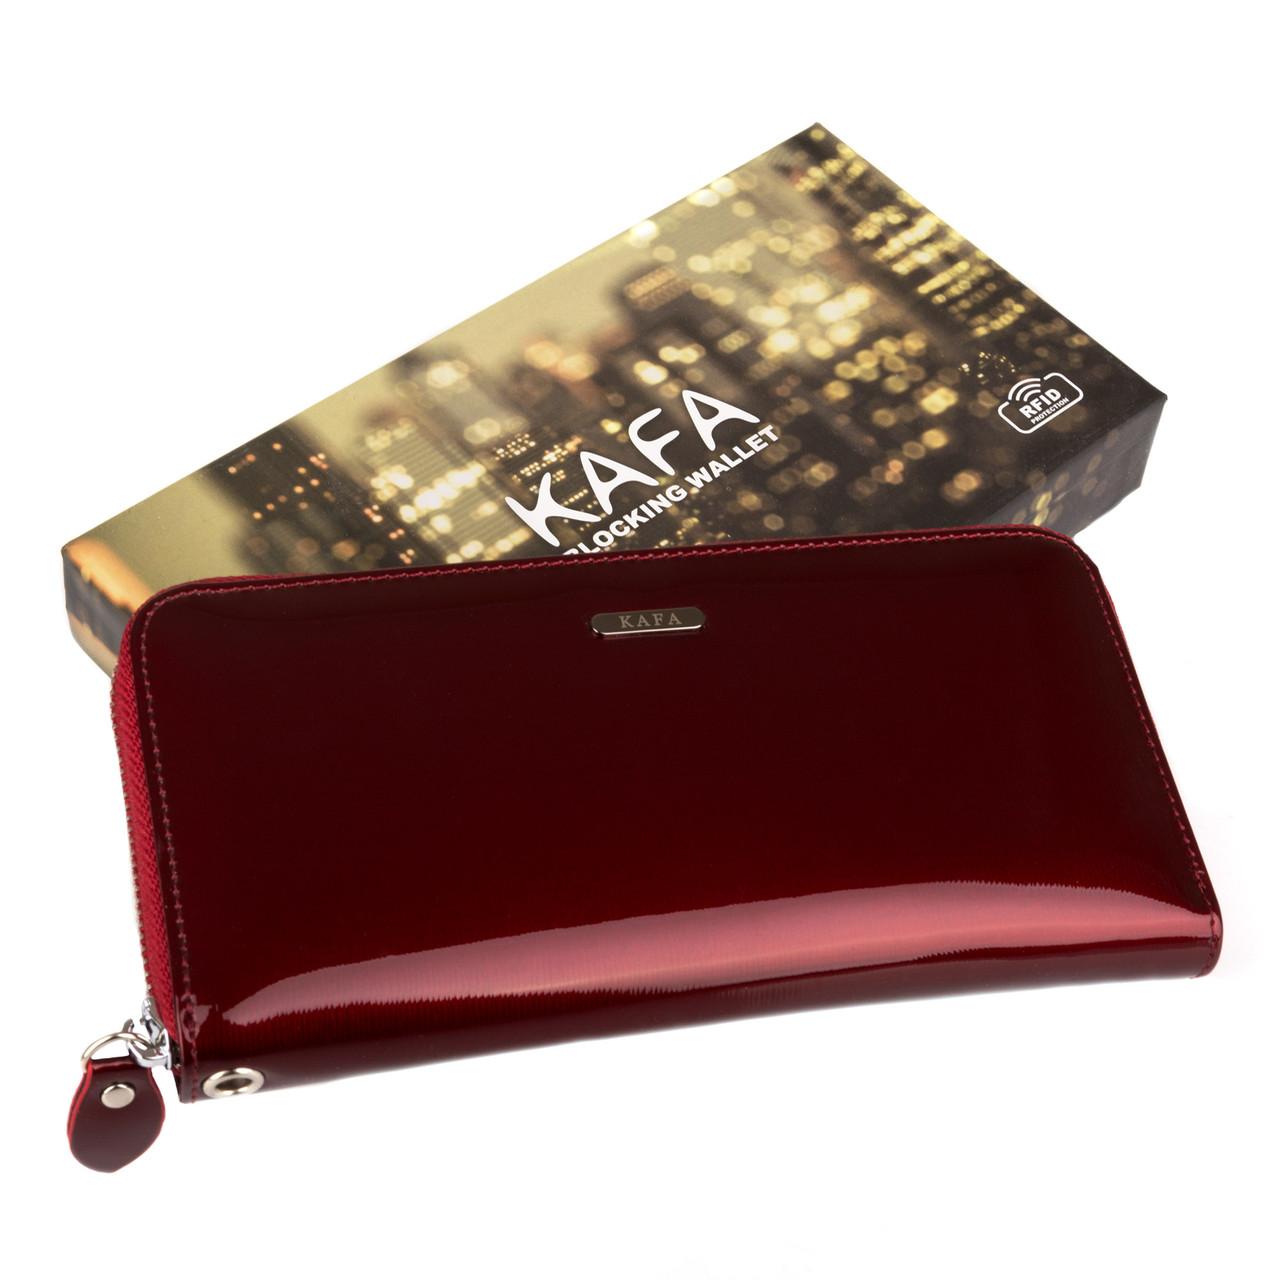 19fff355d016 Кошелек женский кожаный Kafa RFID BC74 красный: продажа, цена в ...